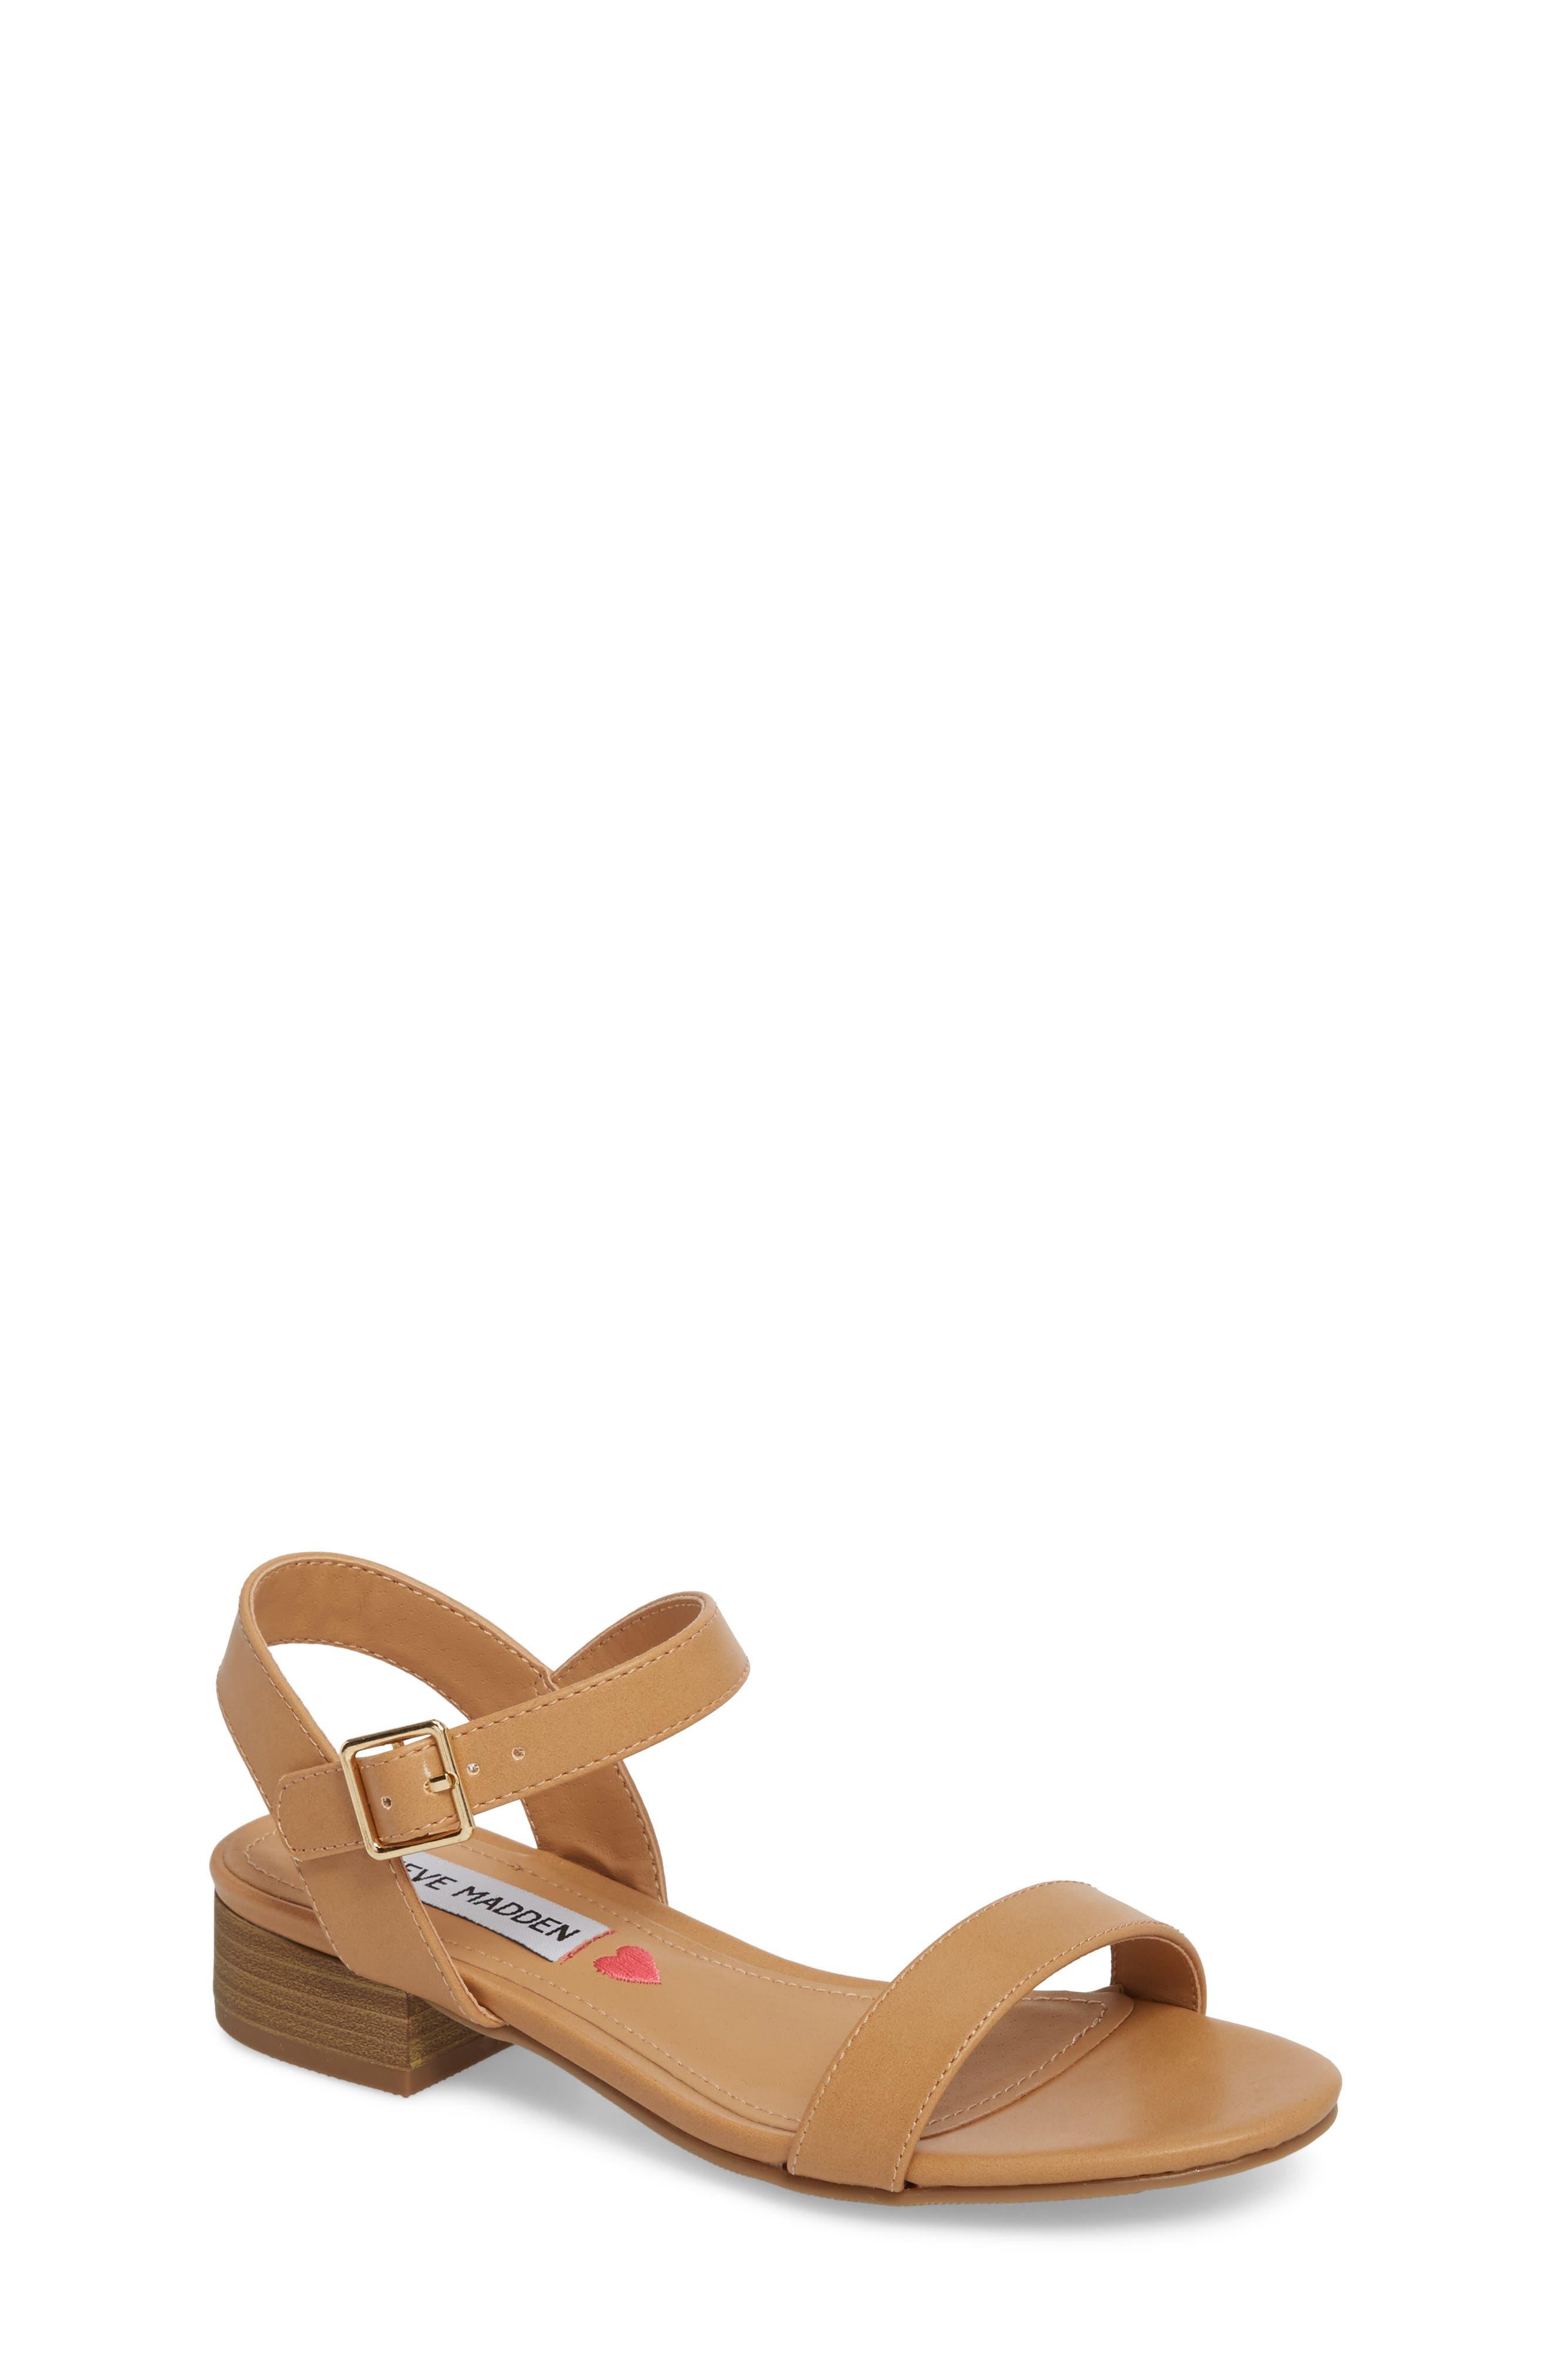 JCACHE Sandal,                         Main,                         color, Natural